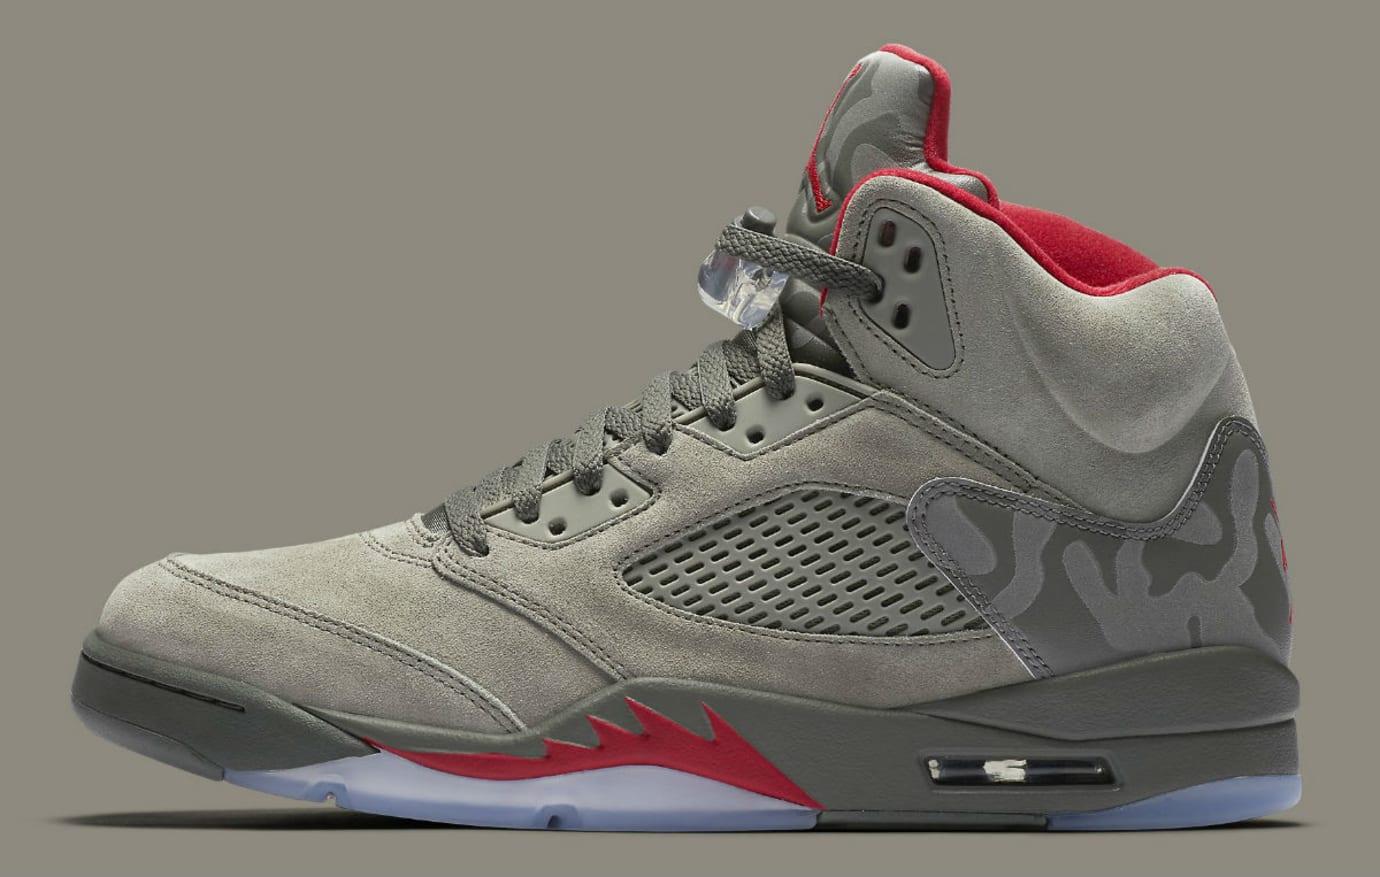 Air Jordan 5 Camo Release Date Profile 136027-051